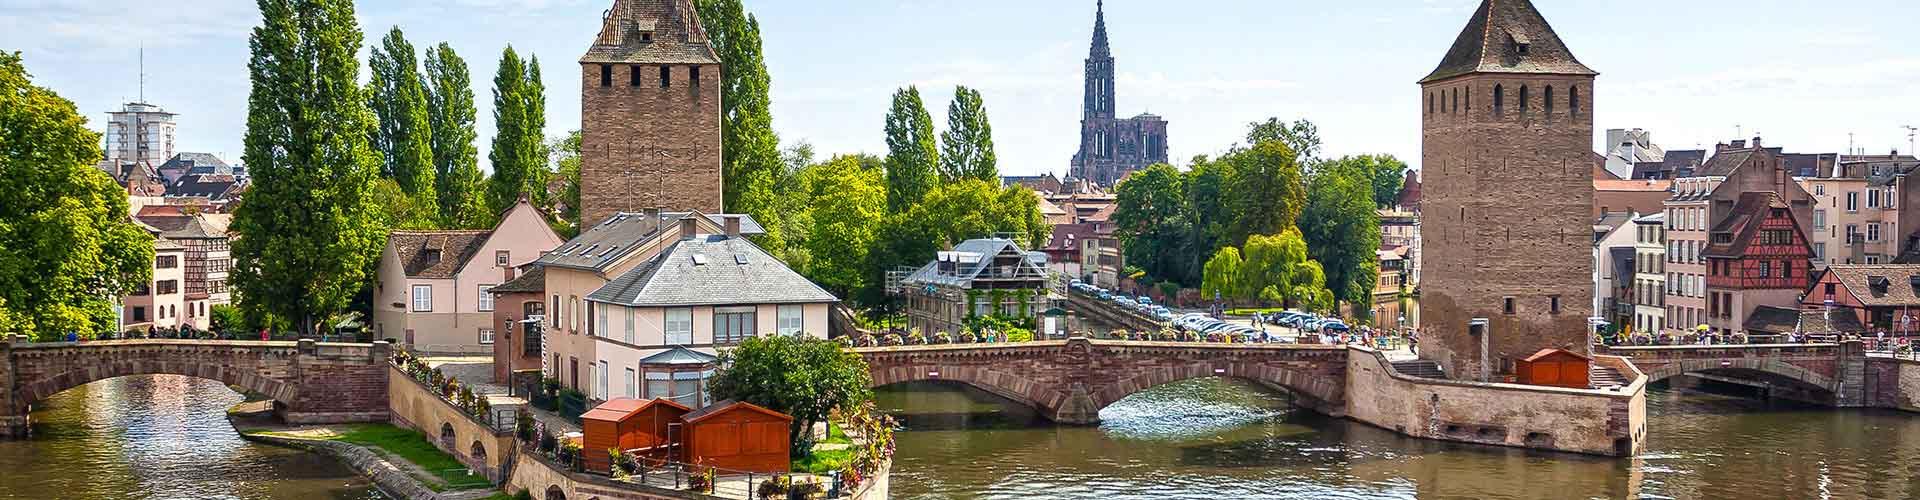 Estrasburgo - Habitaciones en el distrito Quartier Européen. Mapas de Estrasburgo, Fotos y comentarios de cada Habitación en Estrasburgo.